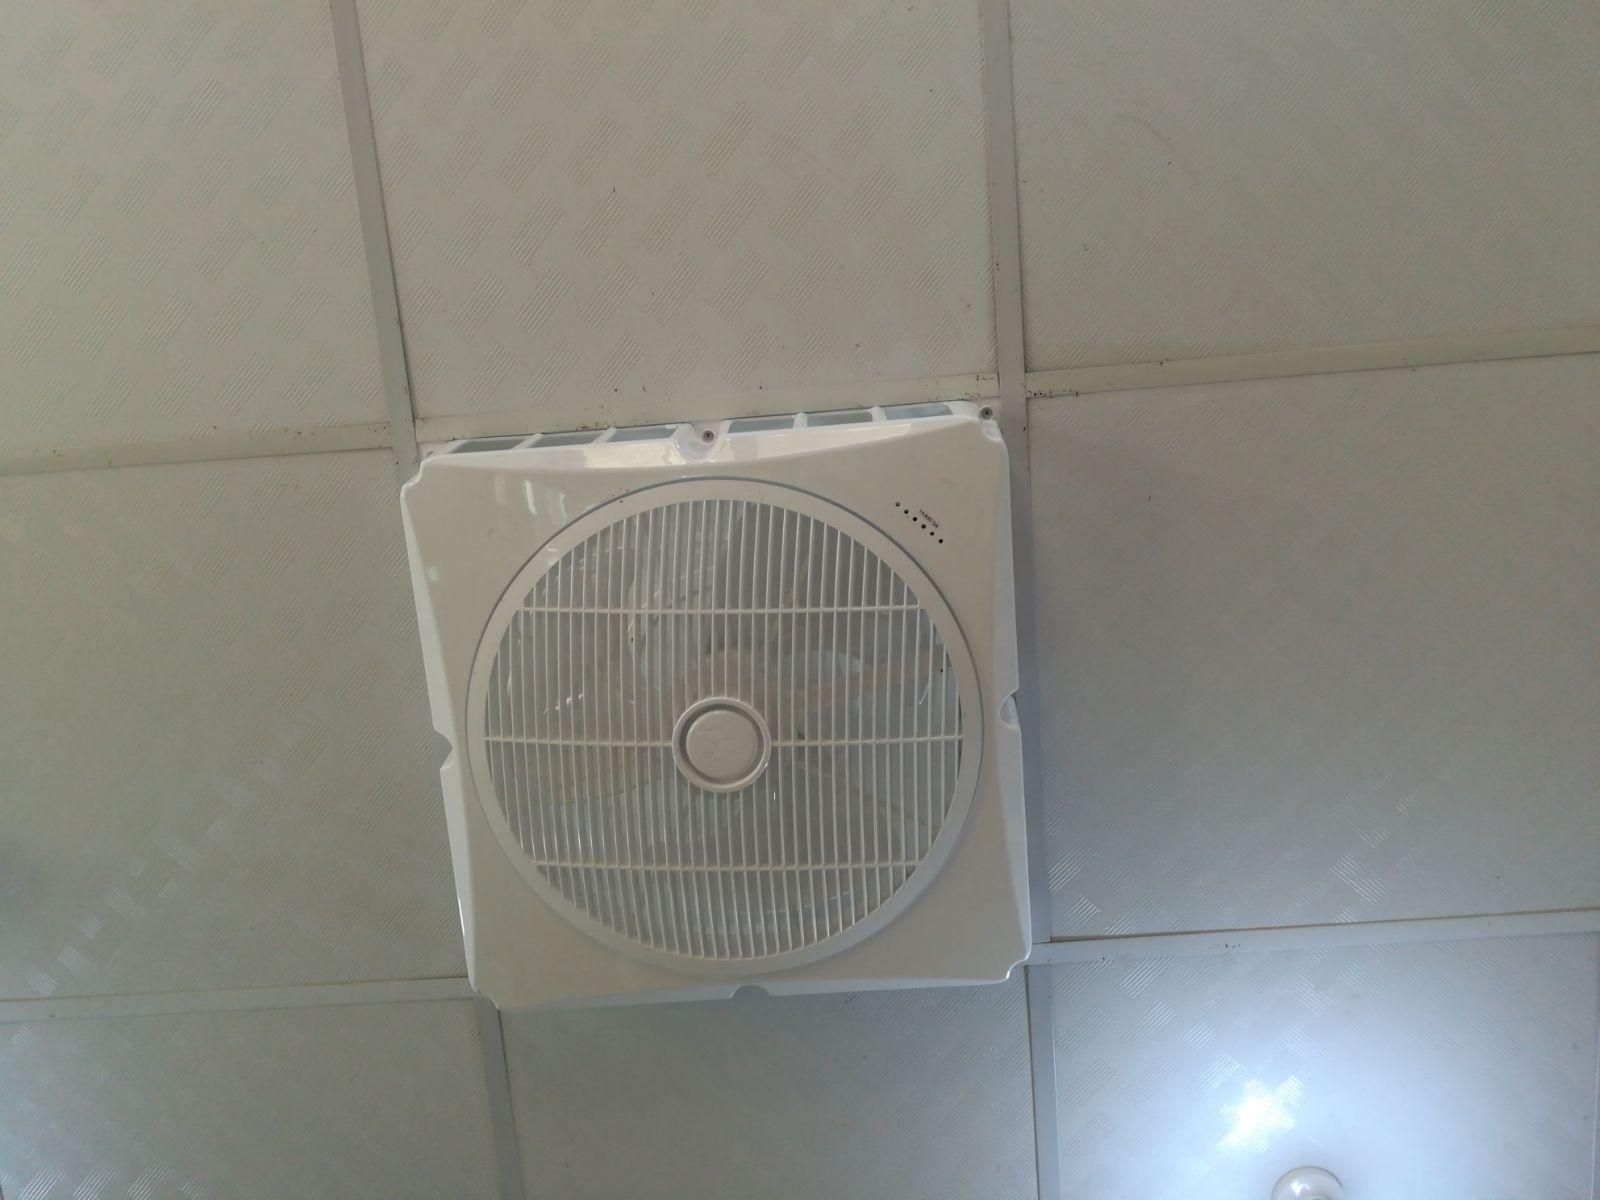 18 inch Title ceiling fan 2